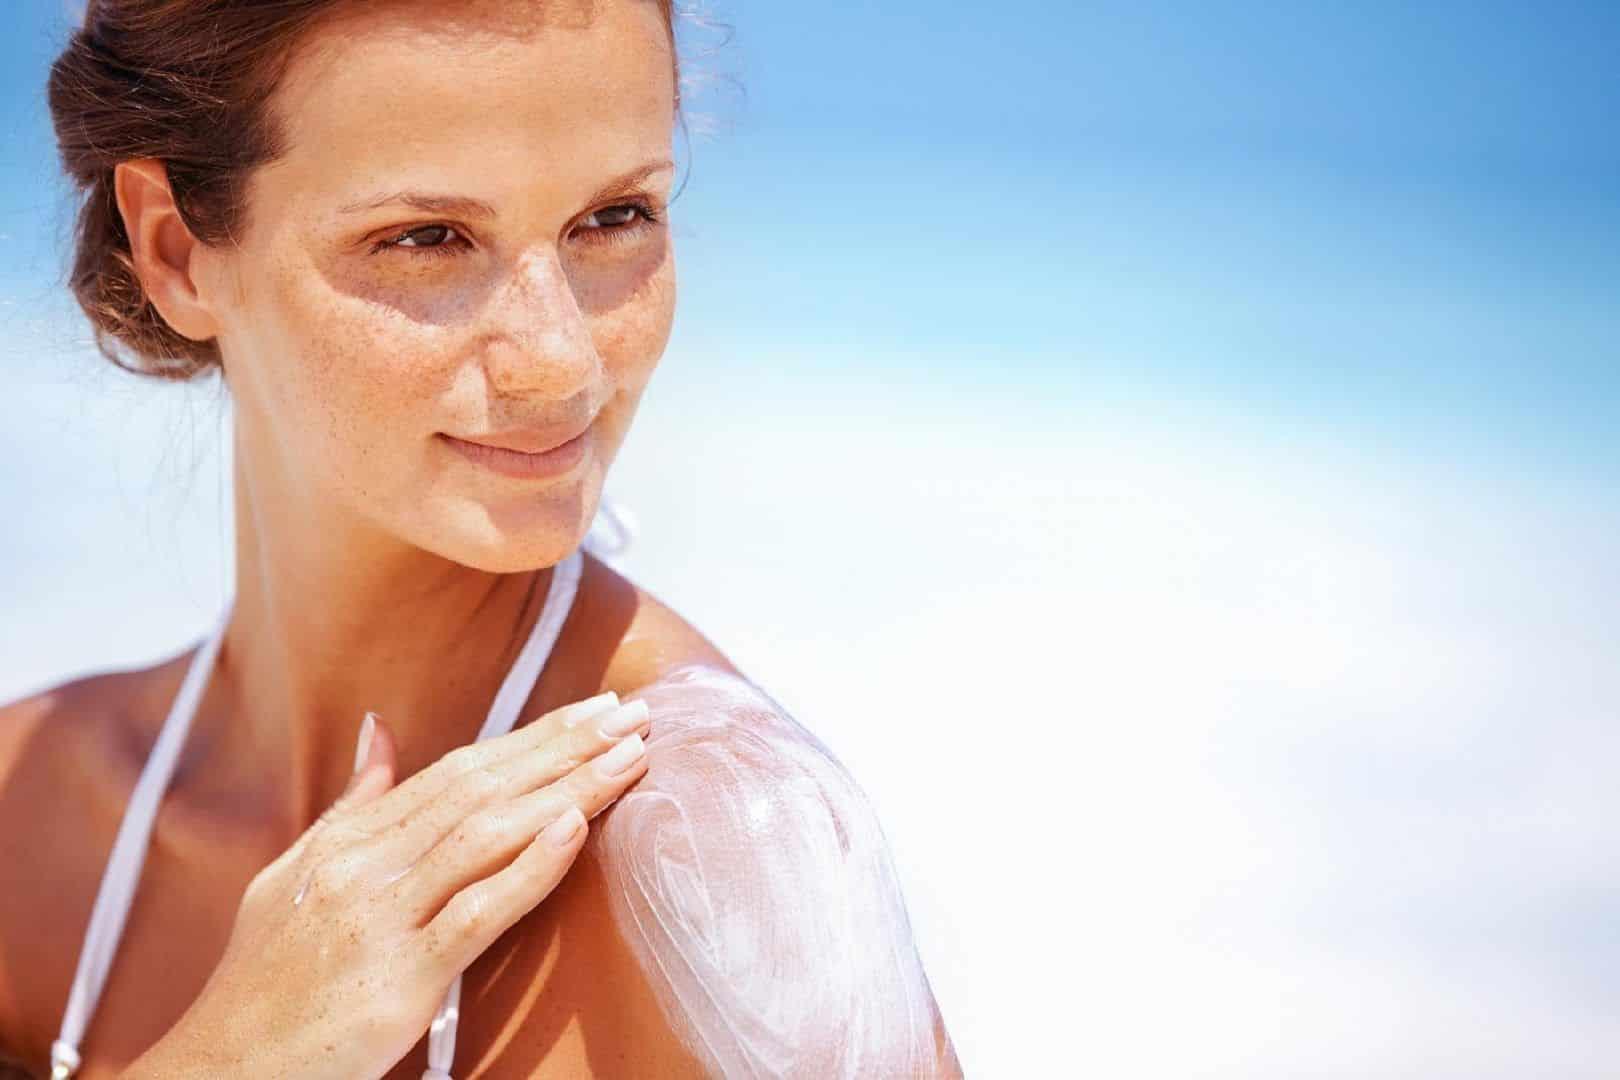 alergia ao sol sintomas causas tratamentos e prevencao 2 - Alergia al sol: síntomas, causas, tratamientos y prevención